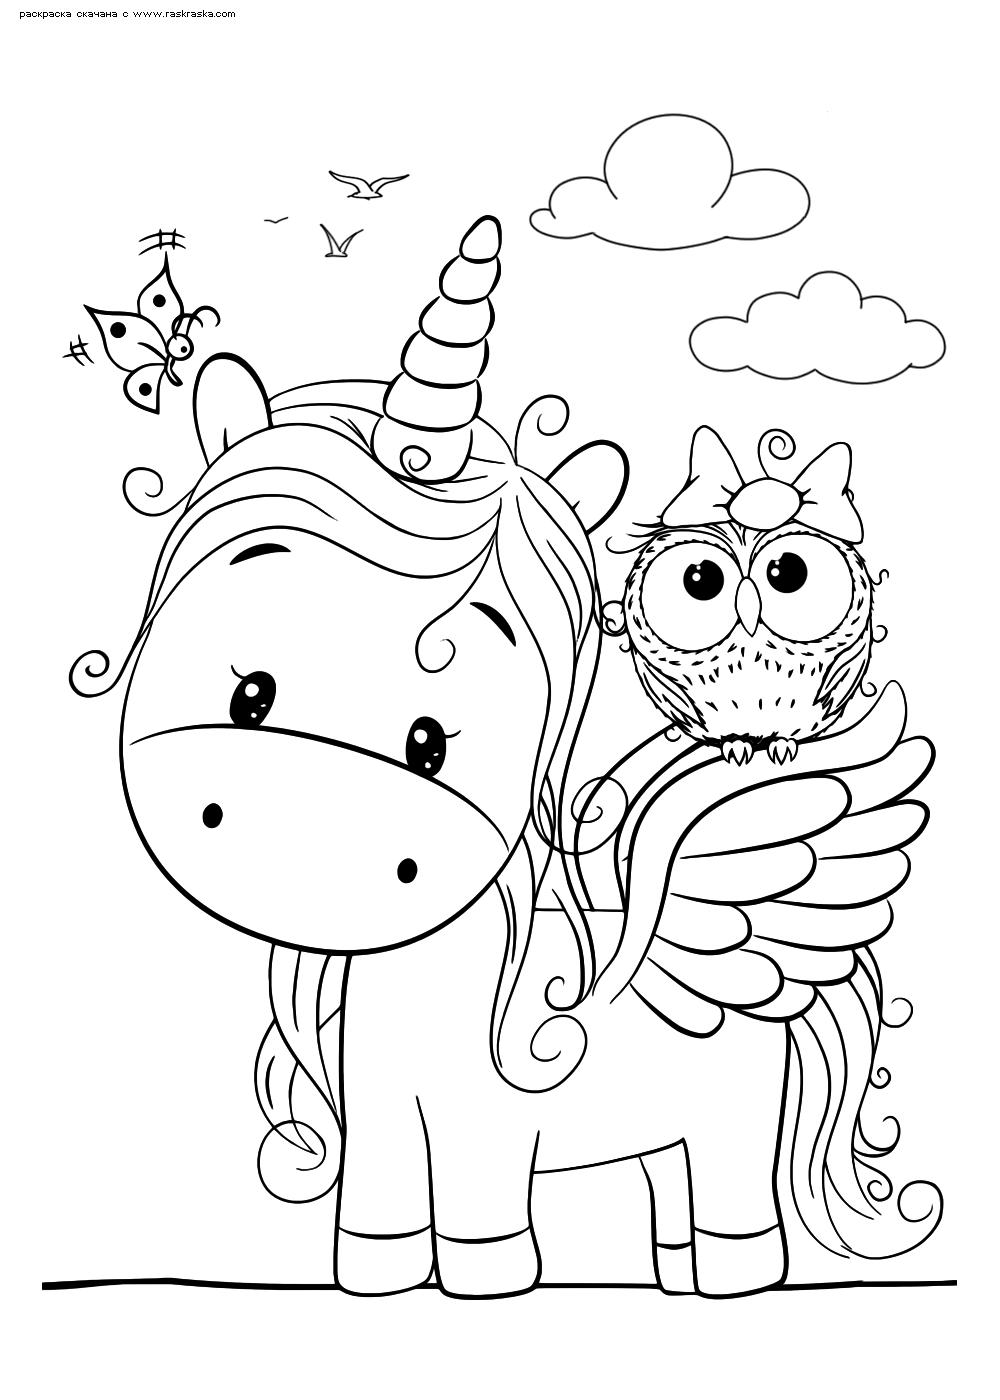 Раскраска Милые друзья | Раскраски няшных животных. Милые ...